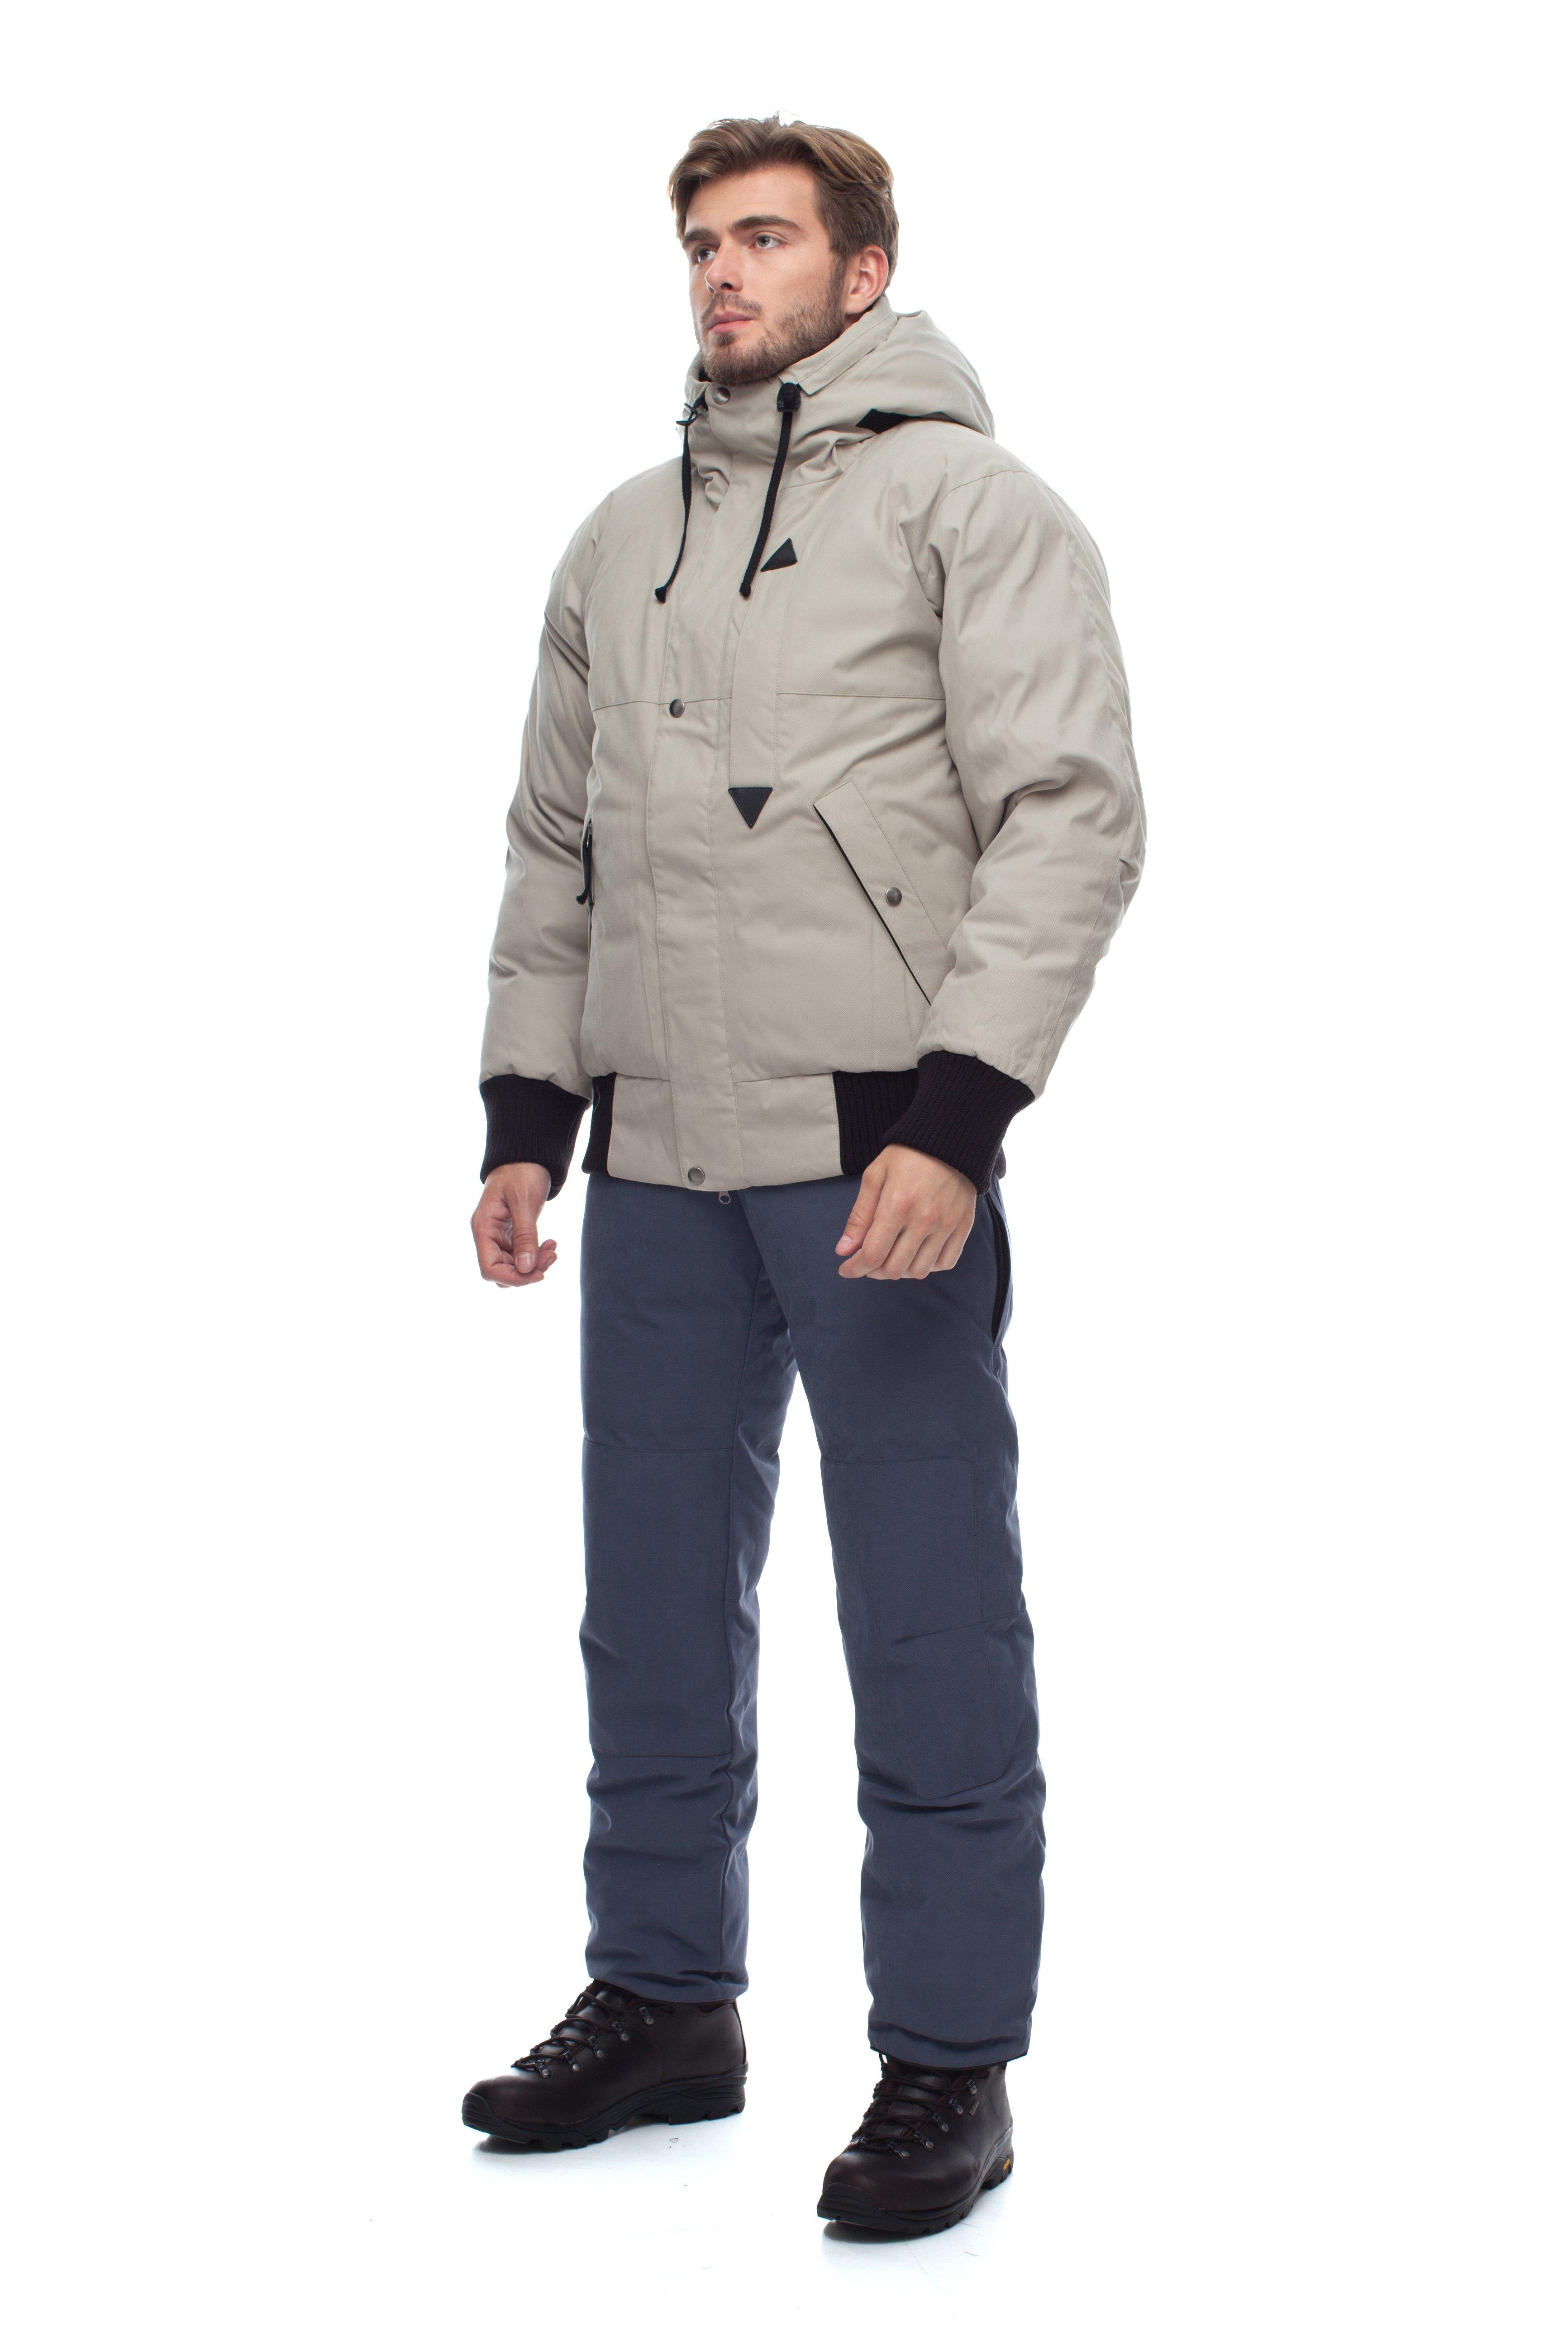 Пуховая куртка BASK TOBOL 3785Куртки<br><br><br>&quot;Дышащие&quot; свойства: Да<br>Верхняя ткань: Advance® Alaska<br>Вес граммы: 1600<br>Вес утеплителя: 400<br>Ветро-влагозащитные свойства верхней ткани: Да<br>Ветрозащитная планка: Да<br>Ветрозащитная юбка: Нет<br>Влагозащитные молнии: Нет<br>Внутренние манжеты: Нет<br>Внутренняя ткань: Advance® Classic<br>Водонепроницаемость: 10000<br>Дублирующий центральную молнию клапан: Нет<br>Защитный козырёк капюшона: Нет<br>Капюшон: Несъемный<br>Карман для средств связи: Нет<br>Количество внешних карманов: 3<br>Количество внутренних карманов: 3<br>Коллекция: Pole to Pole<br>Мембрана: Да<br>Объемный крой локтевой зоны: Да<br>Отстёгивающиеся рукава: Нет<br>Паропроницаемость: 5000<br>Показатель Fill Power (для пуховых изделий): 650<br>Пол: Мужской<br>Проклейка швов: Нет<br>Регулировка манжетов рукавов: Нет<br>Регулировка низа: Нет<br>Регулировка объёма капюшона: Да<br>Регулировка талии: Нет<br>Регулируемые вентиляционные отверстия: Нет<br>Световозвращающая лента: Нет<br>Температурный режим: -25<br>Технология Thermal Welding: Нет<br>Тип молнии: Двухзамковая<br>Тип утеплителя: Натуральный<br>Усиление контактных зон: Нет<br>Утеплитель: Гусиный пух<br>Размер RU: 50<br>Цвет: СИНИЙ